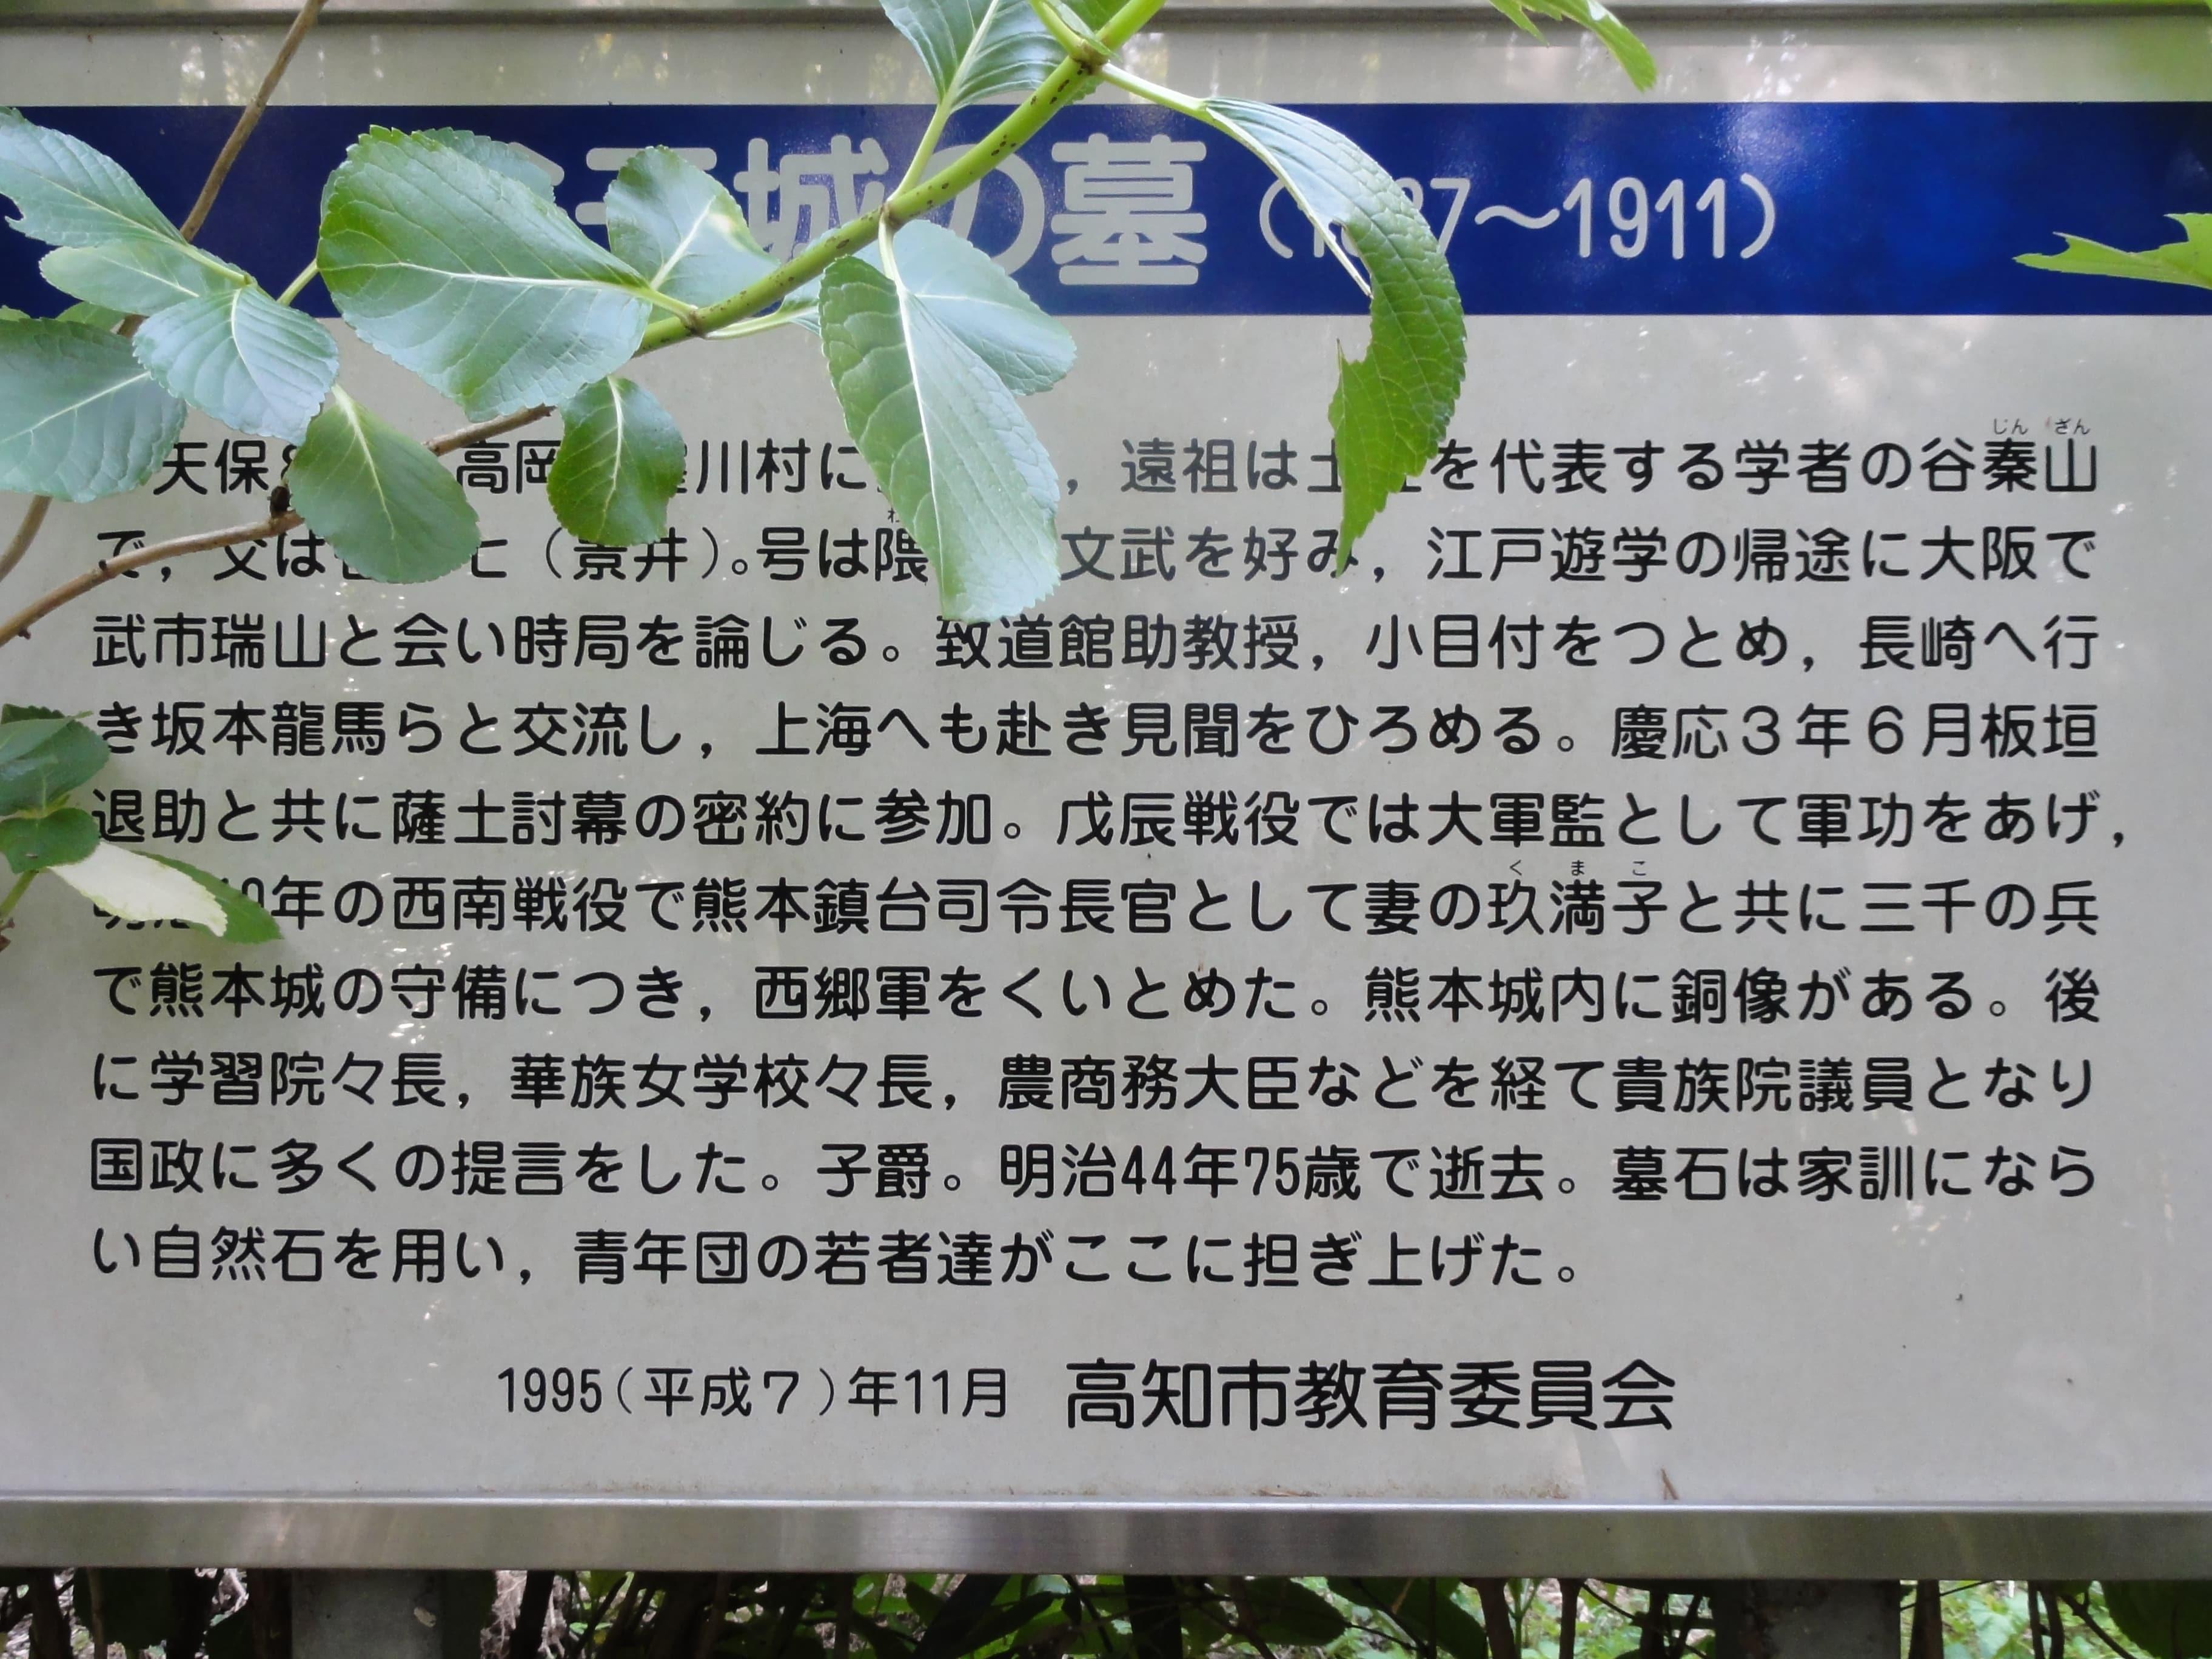 谷干城のお墓前の説明板